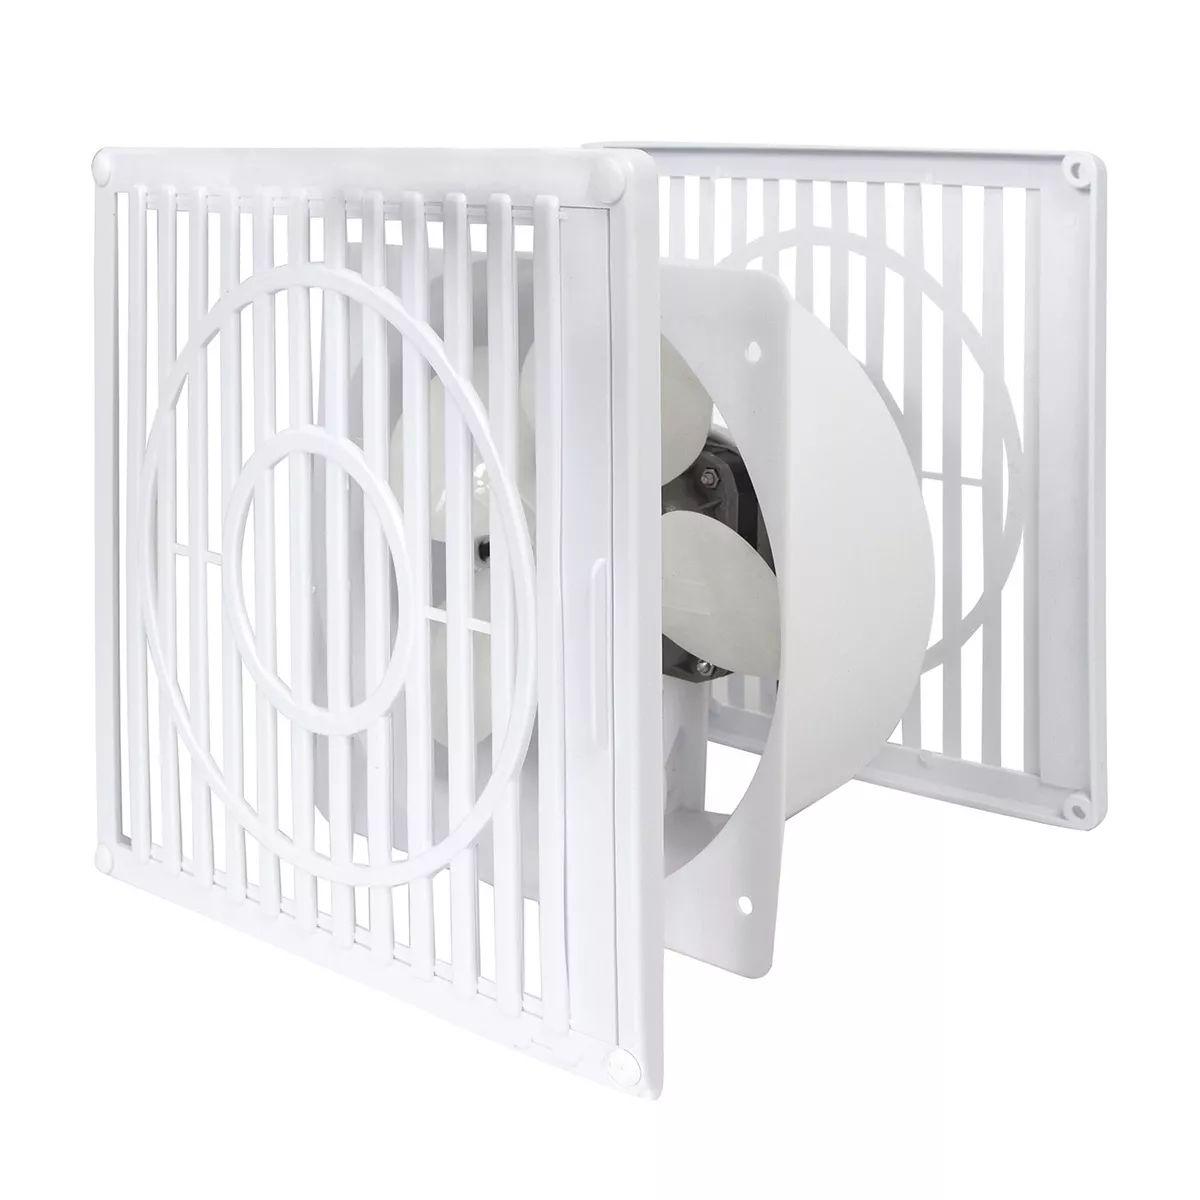 Exaustor De Ambientes Depurador de Ar Residencial Catarina 250 Branco 127V